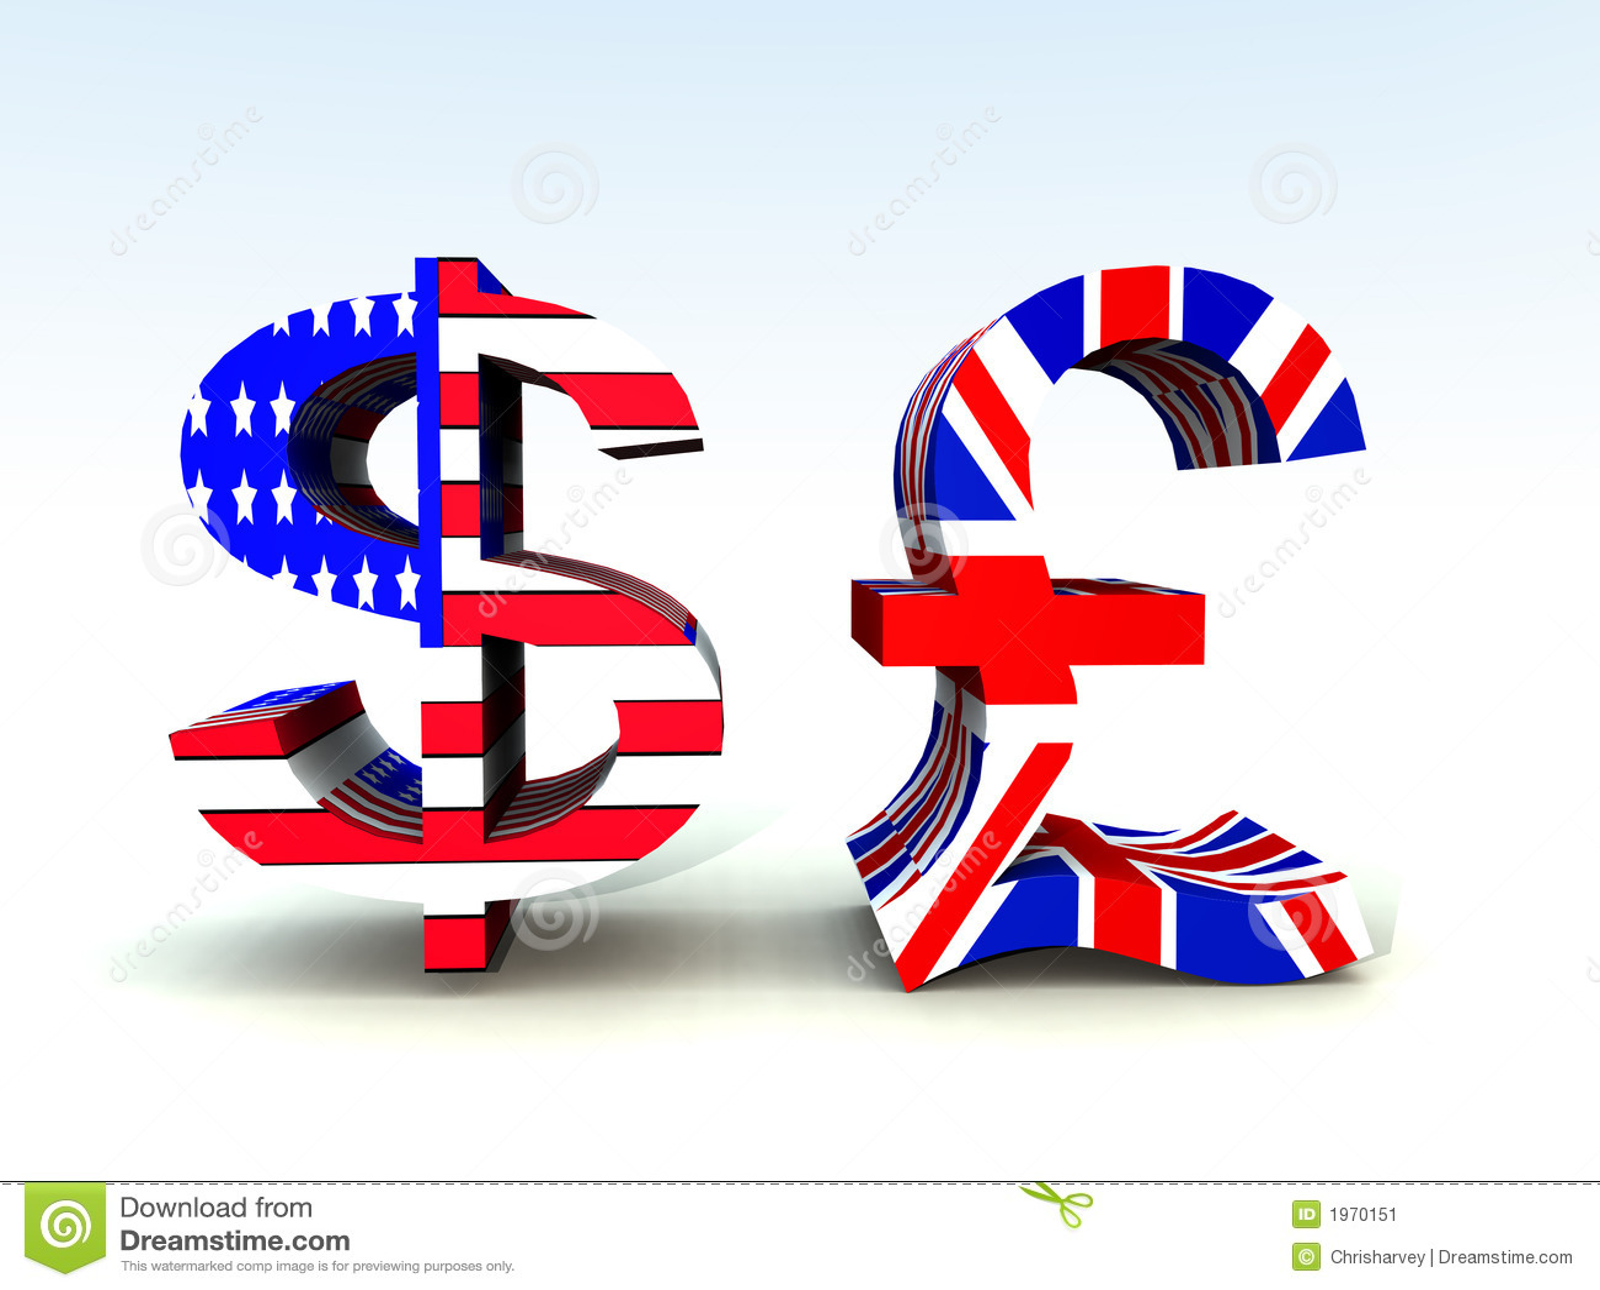 British Symbols Marcpous